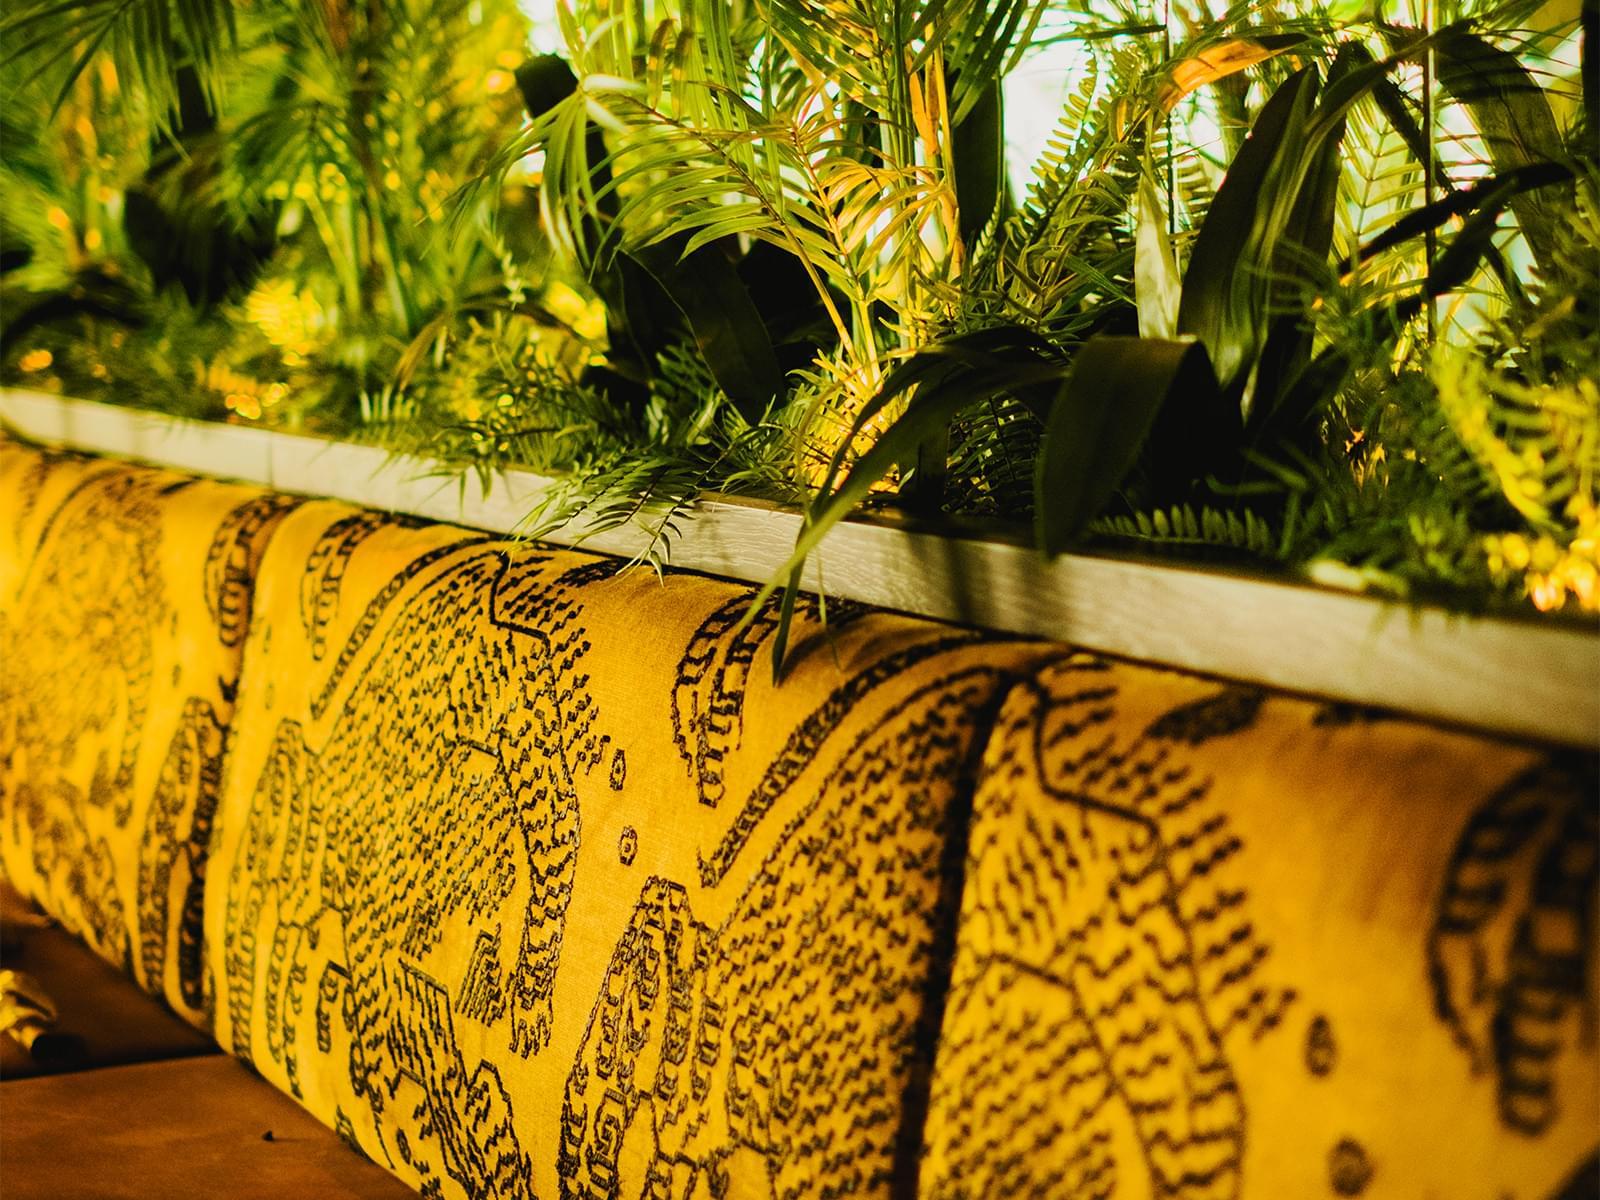 En gul soffrygg står framför ett hav av gröna djungelliknande växter